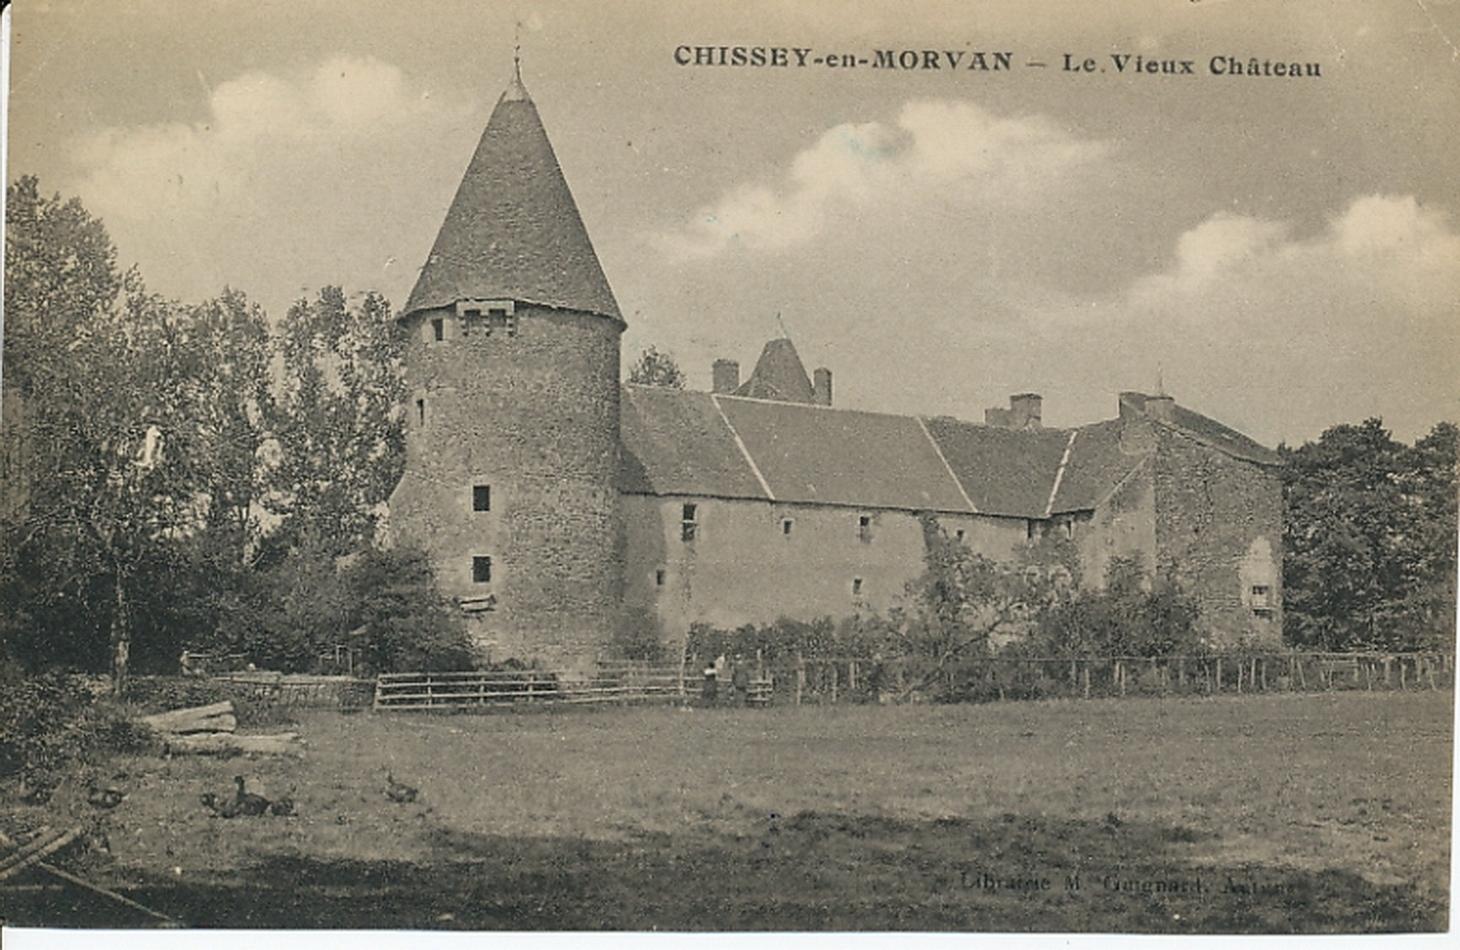 Chissey-en-Morvan -  Chissey-en-Morvan. Le vieux château.